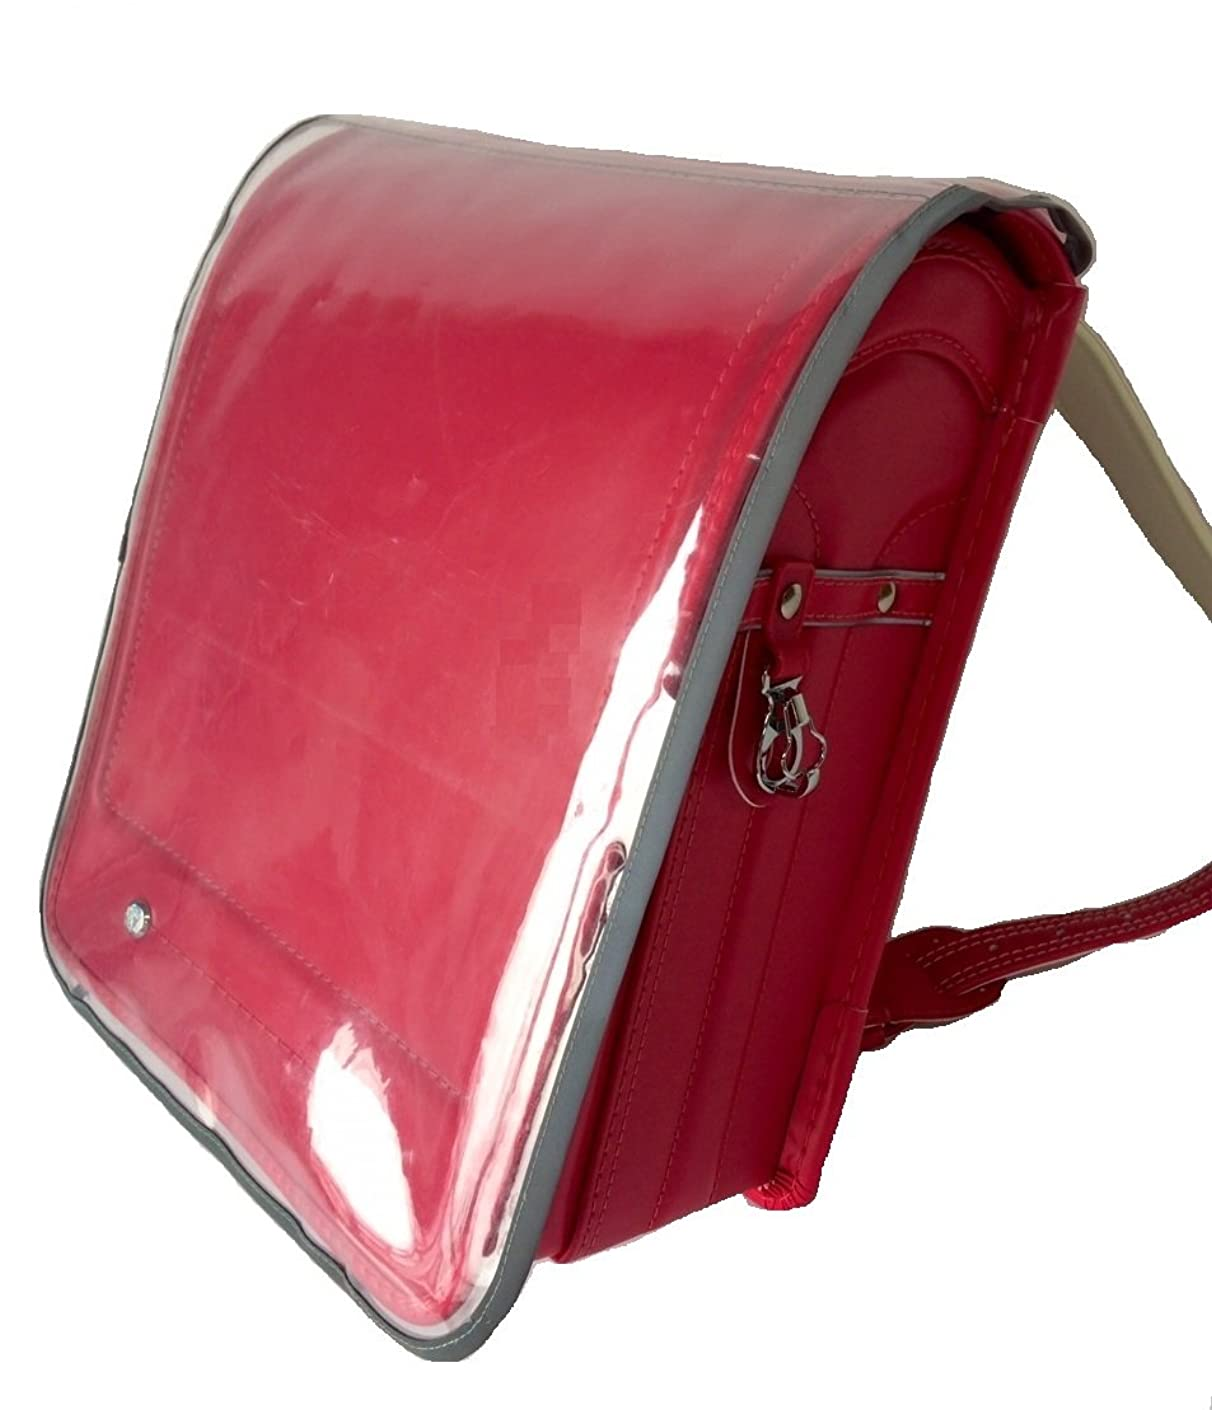 証明する救い子供時代ランドセルカバー 透明 反射 着せ替えポケット付 交通安全 用品 642136